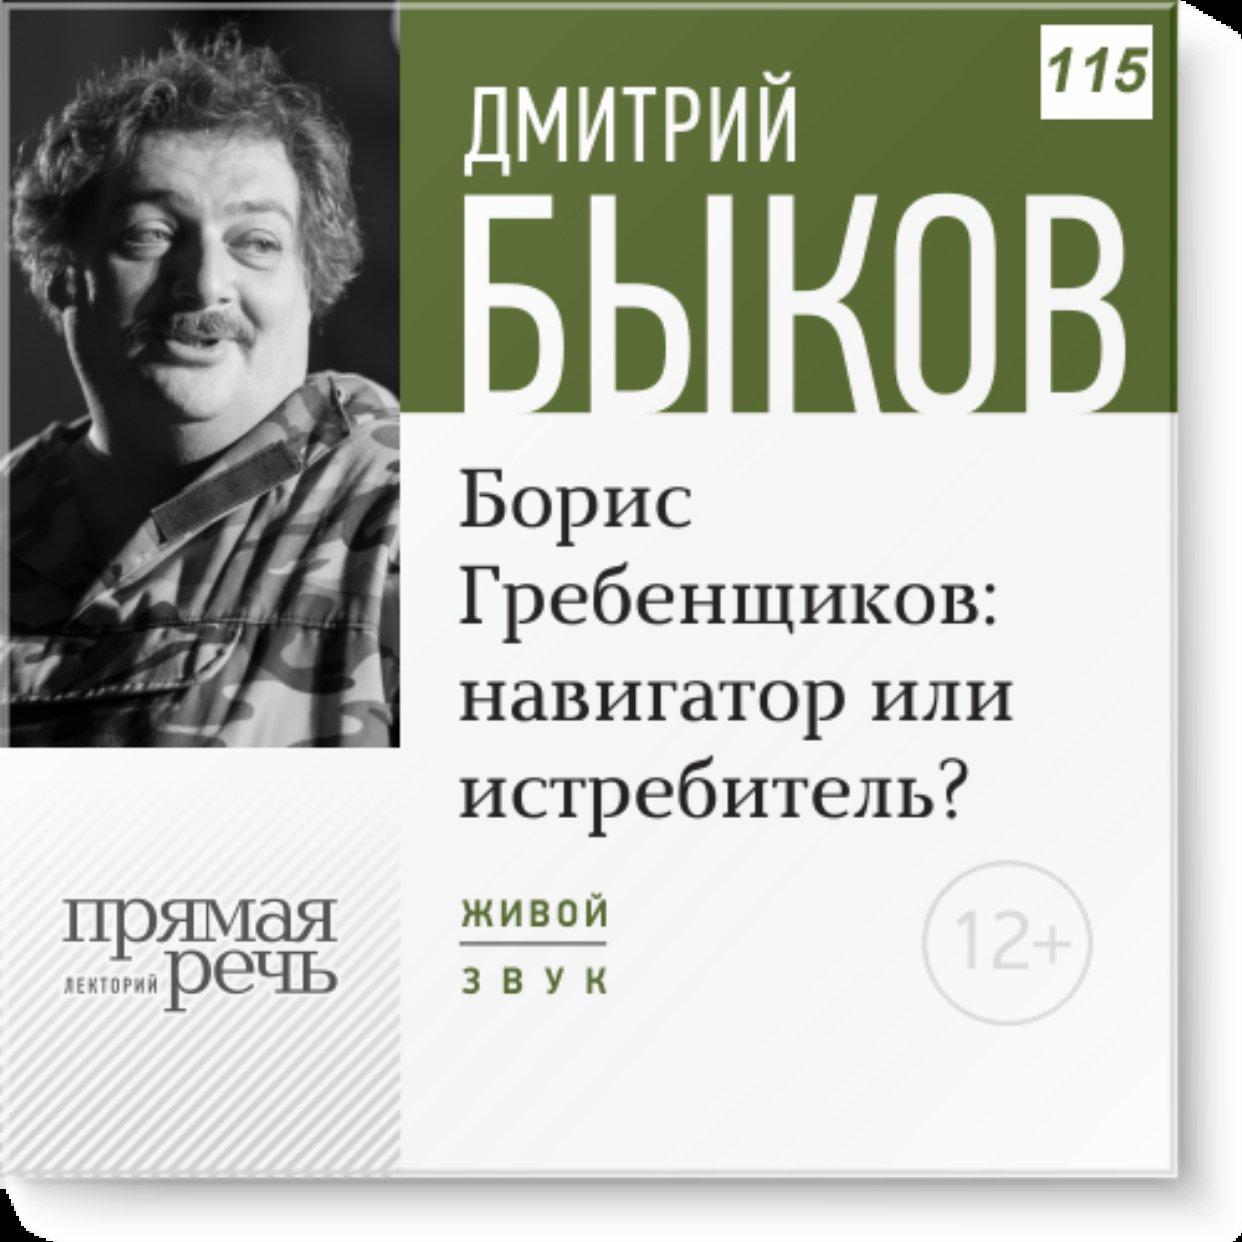 Борис Гребенщиков навигатор или истребитель